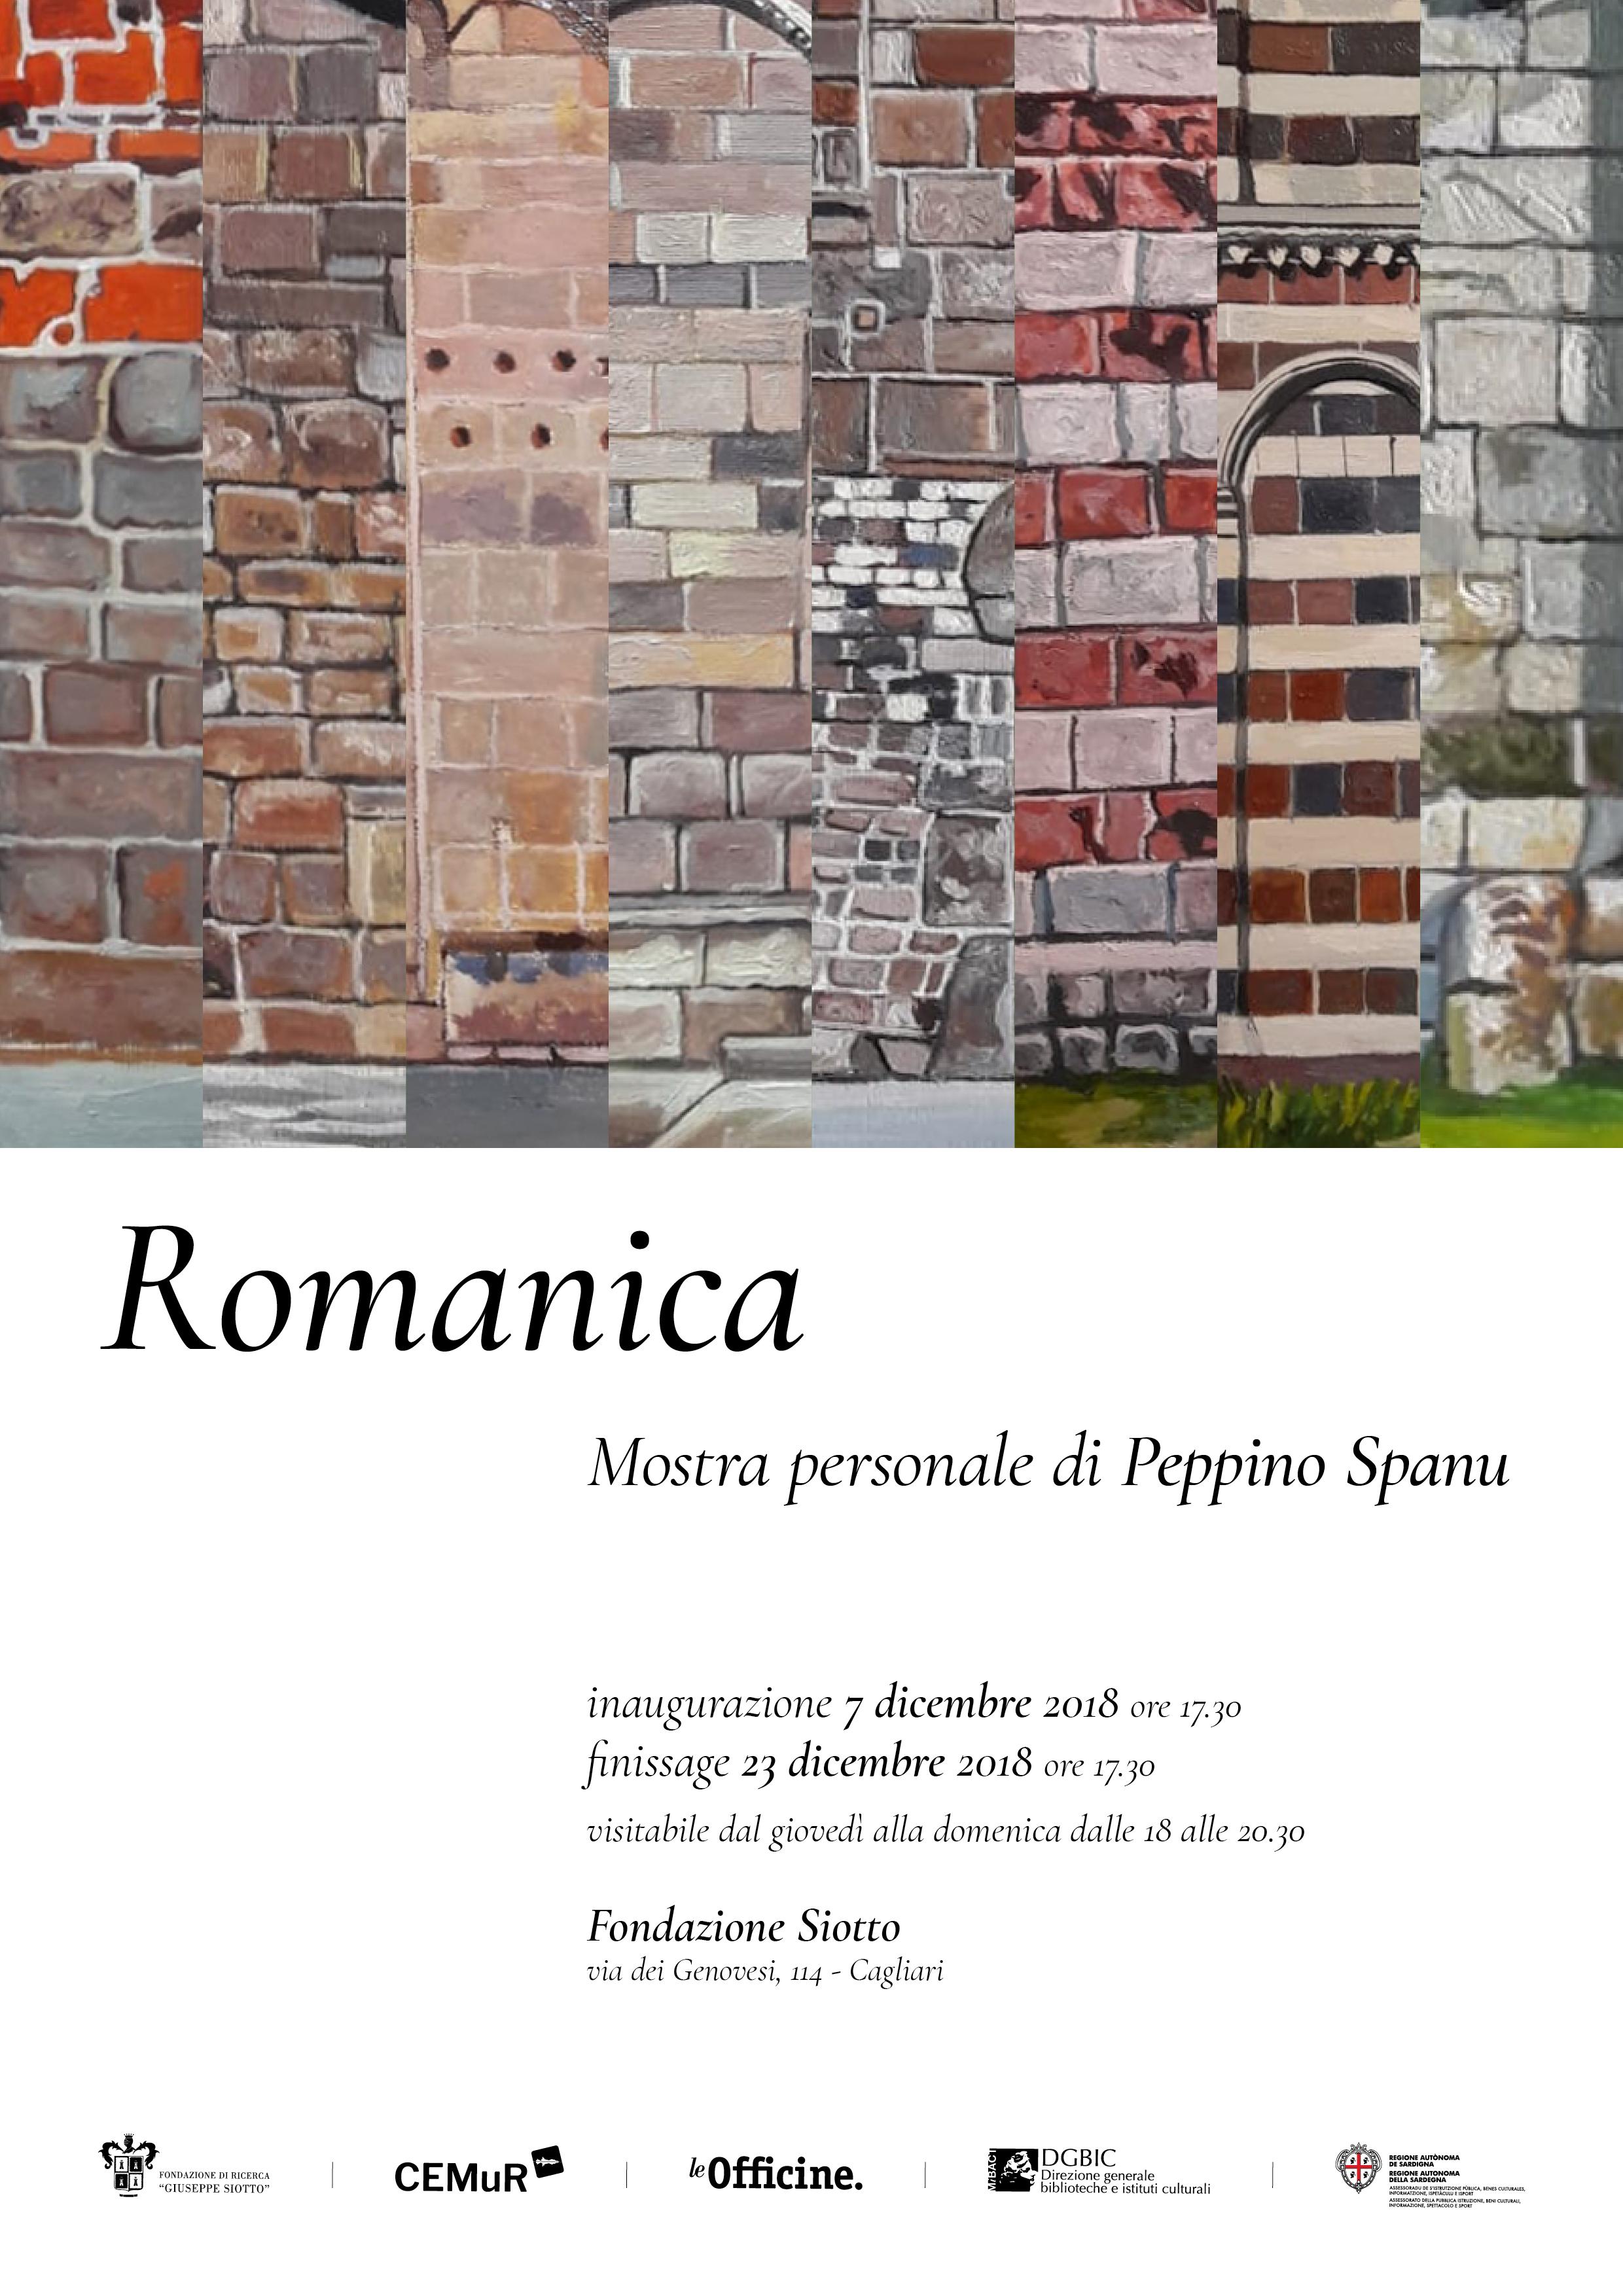 Romanica, personale di Peppino Spanu